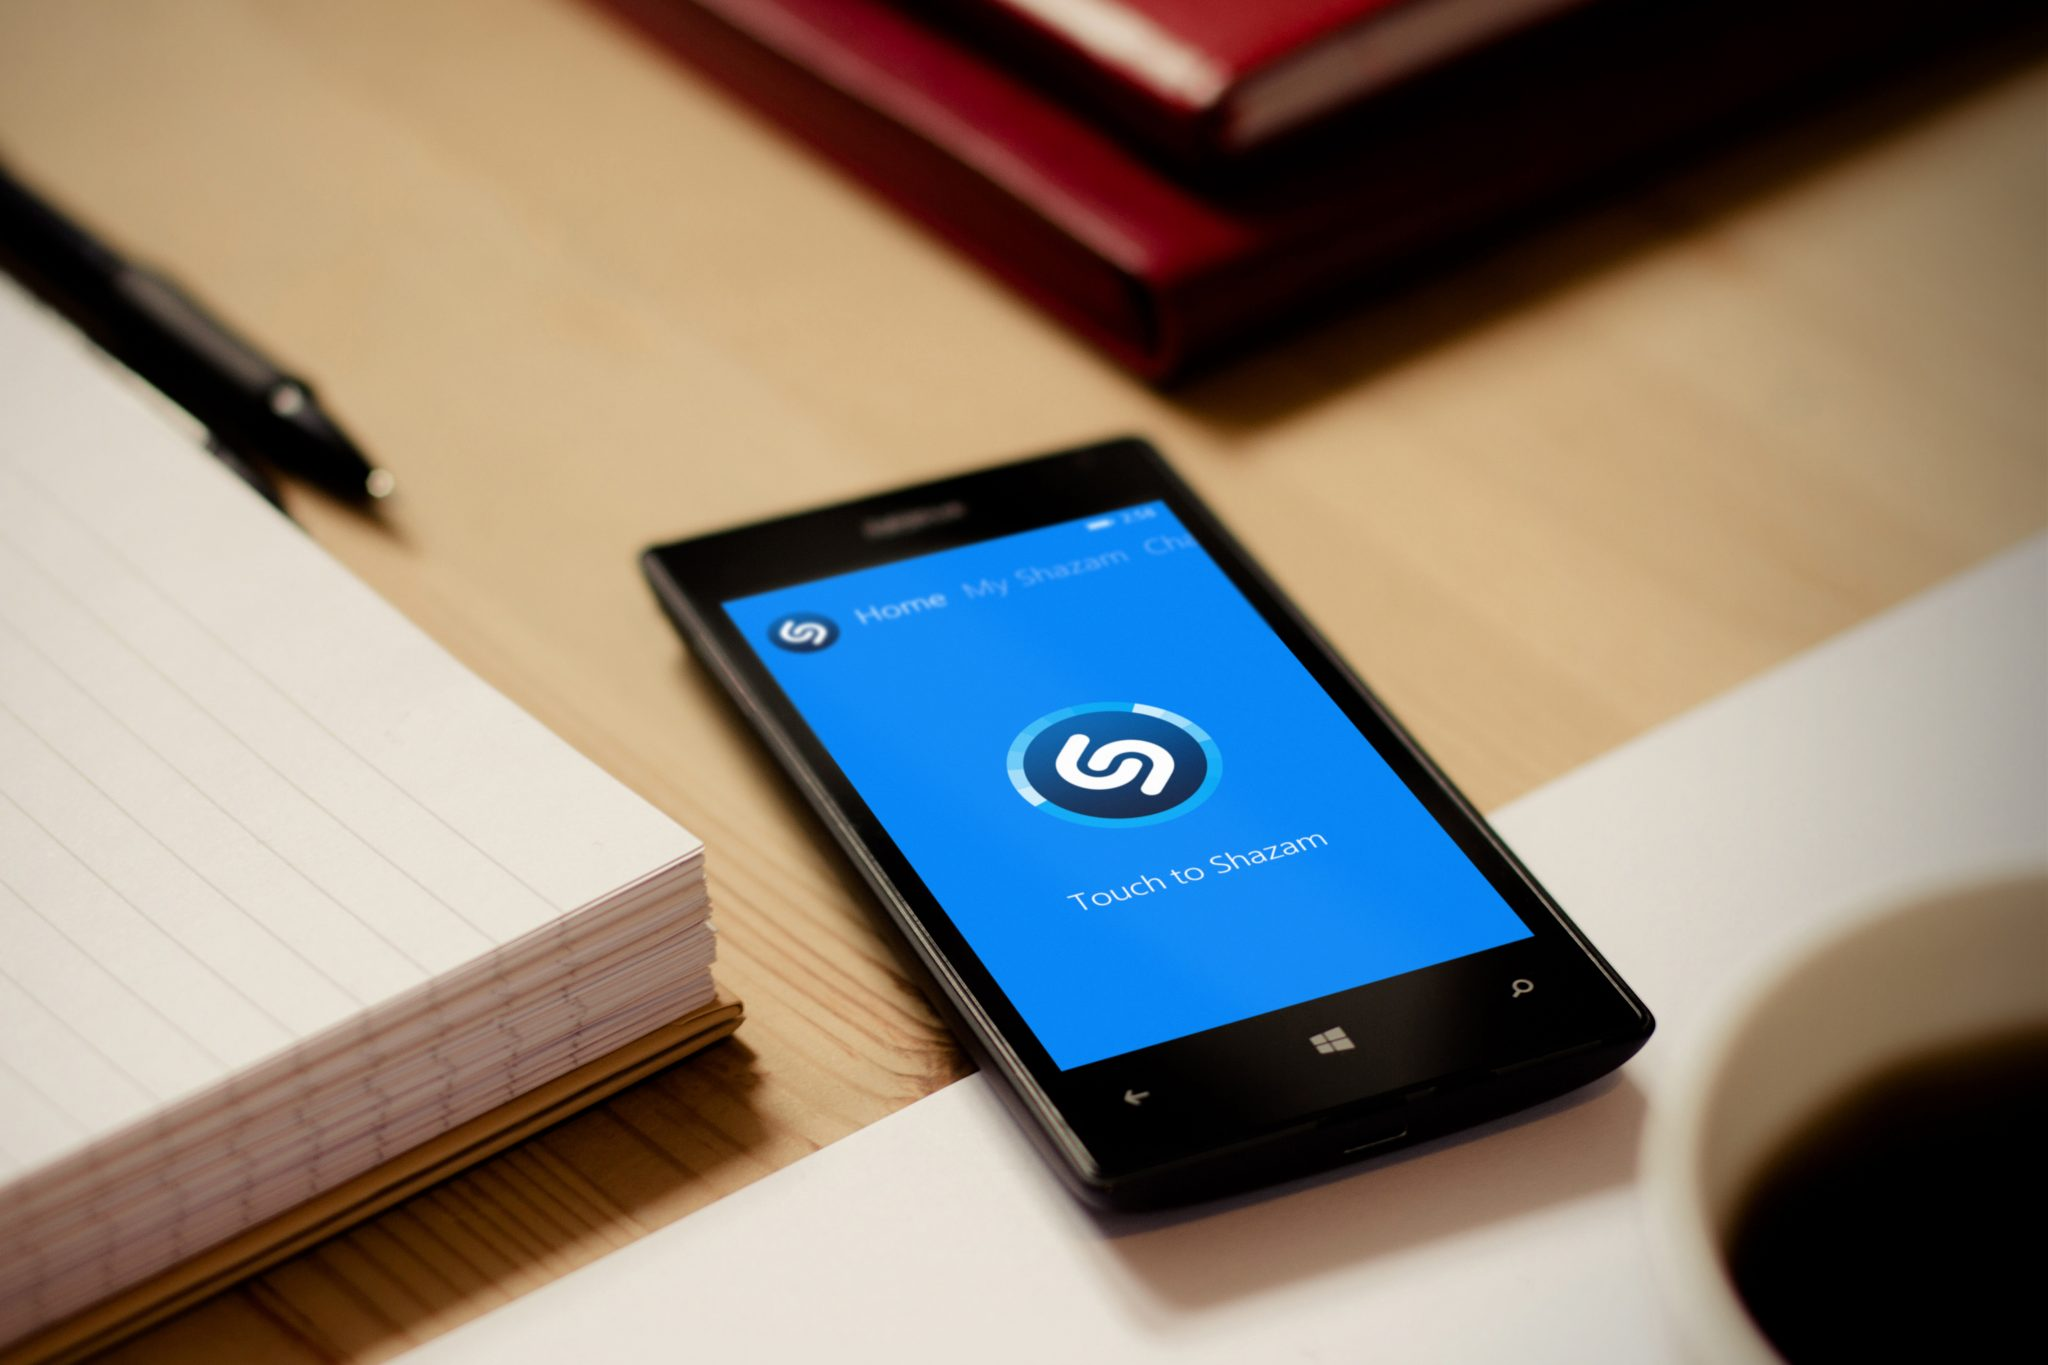 App en Nokia Lumia 520